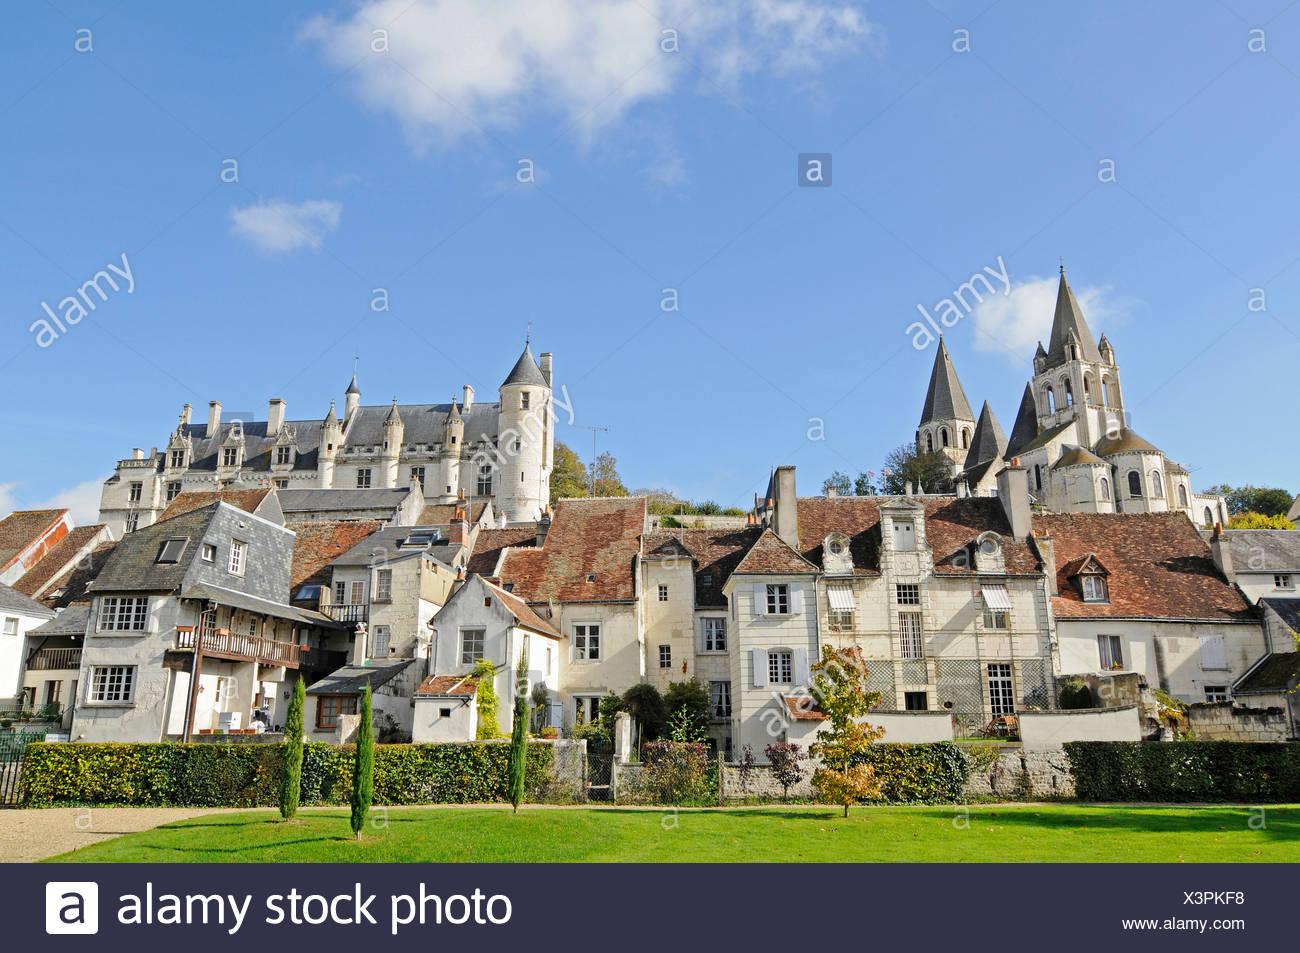 Église de Saint-Ours, Logis Royal, la résidence du château, Castle Hill, Loches, Tours, Indre-et-Loire, région Centre, France, Europe Photo Stock